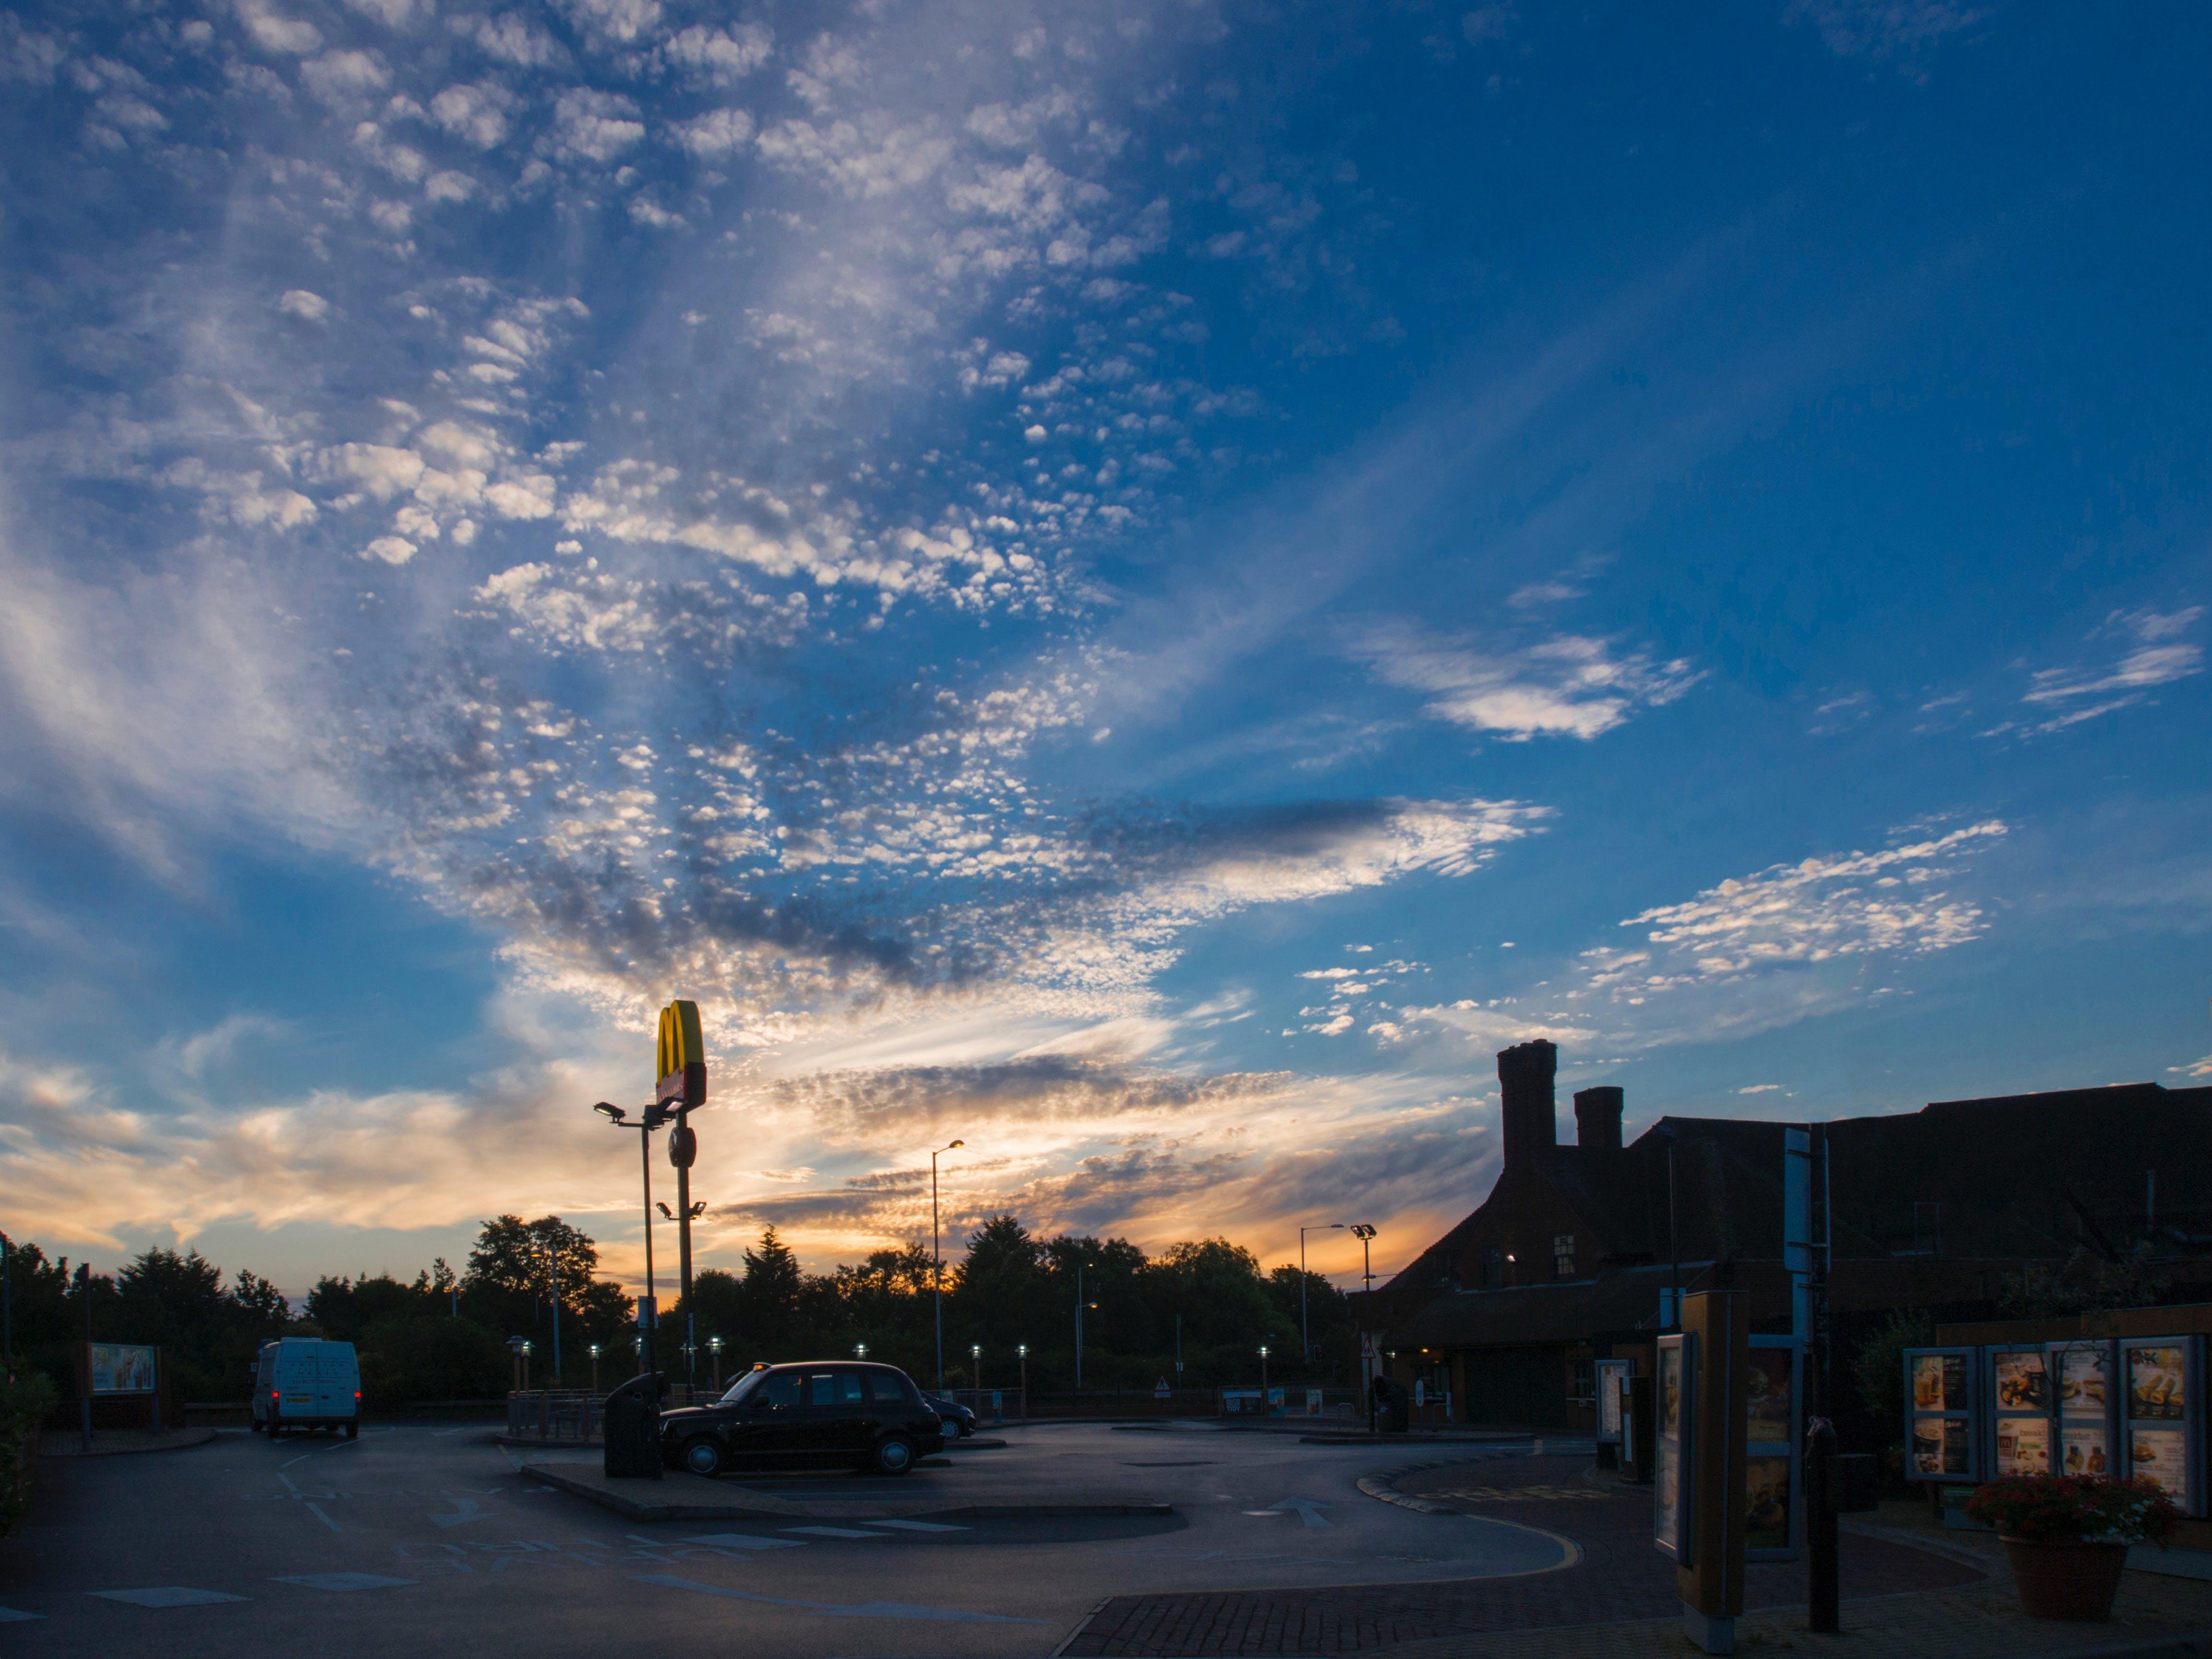 倫敦, 停車場, 天空, 建造 的 免费素材照片